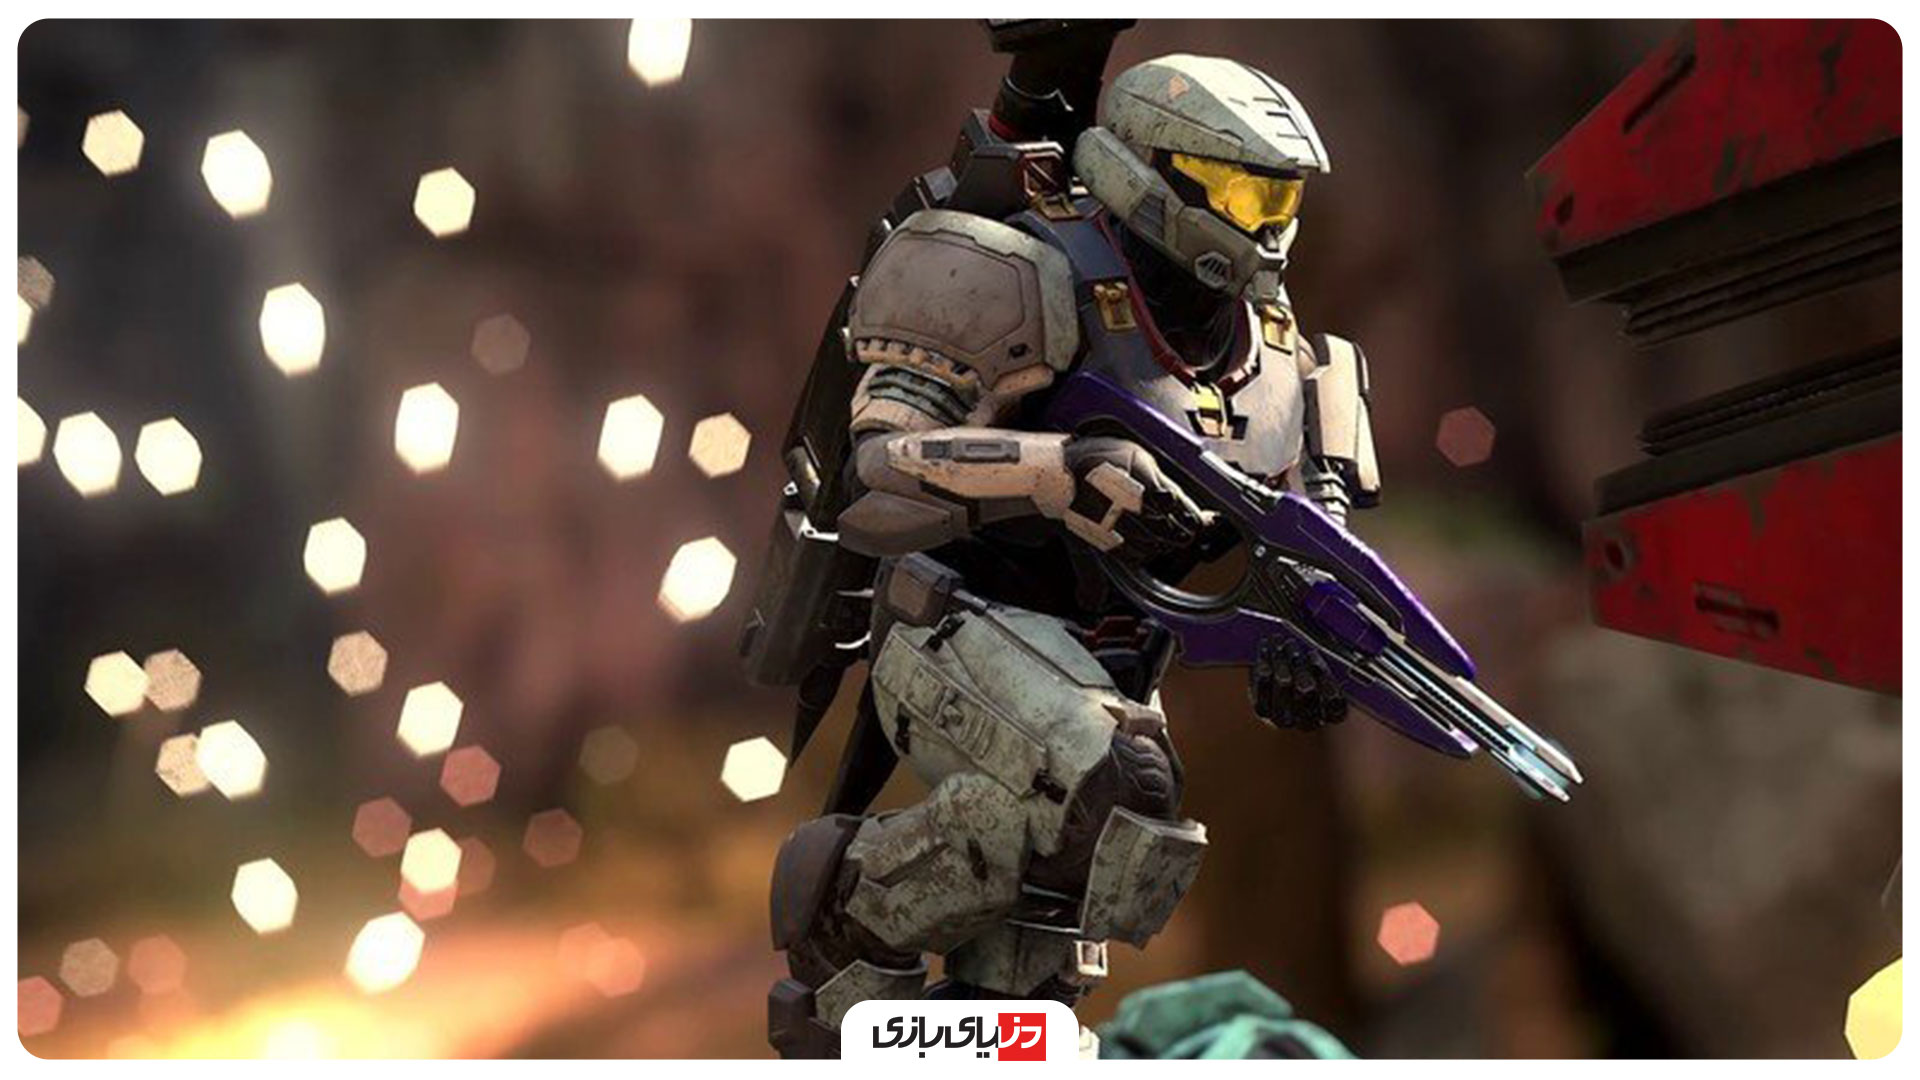 هرآنچه که باید درمورد بازی Halo Infinite بدانید